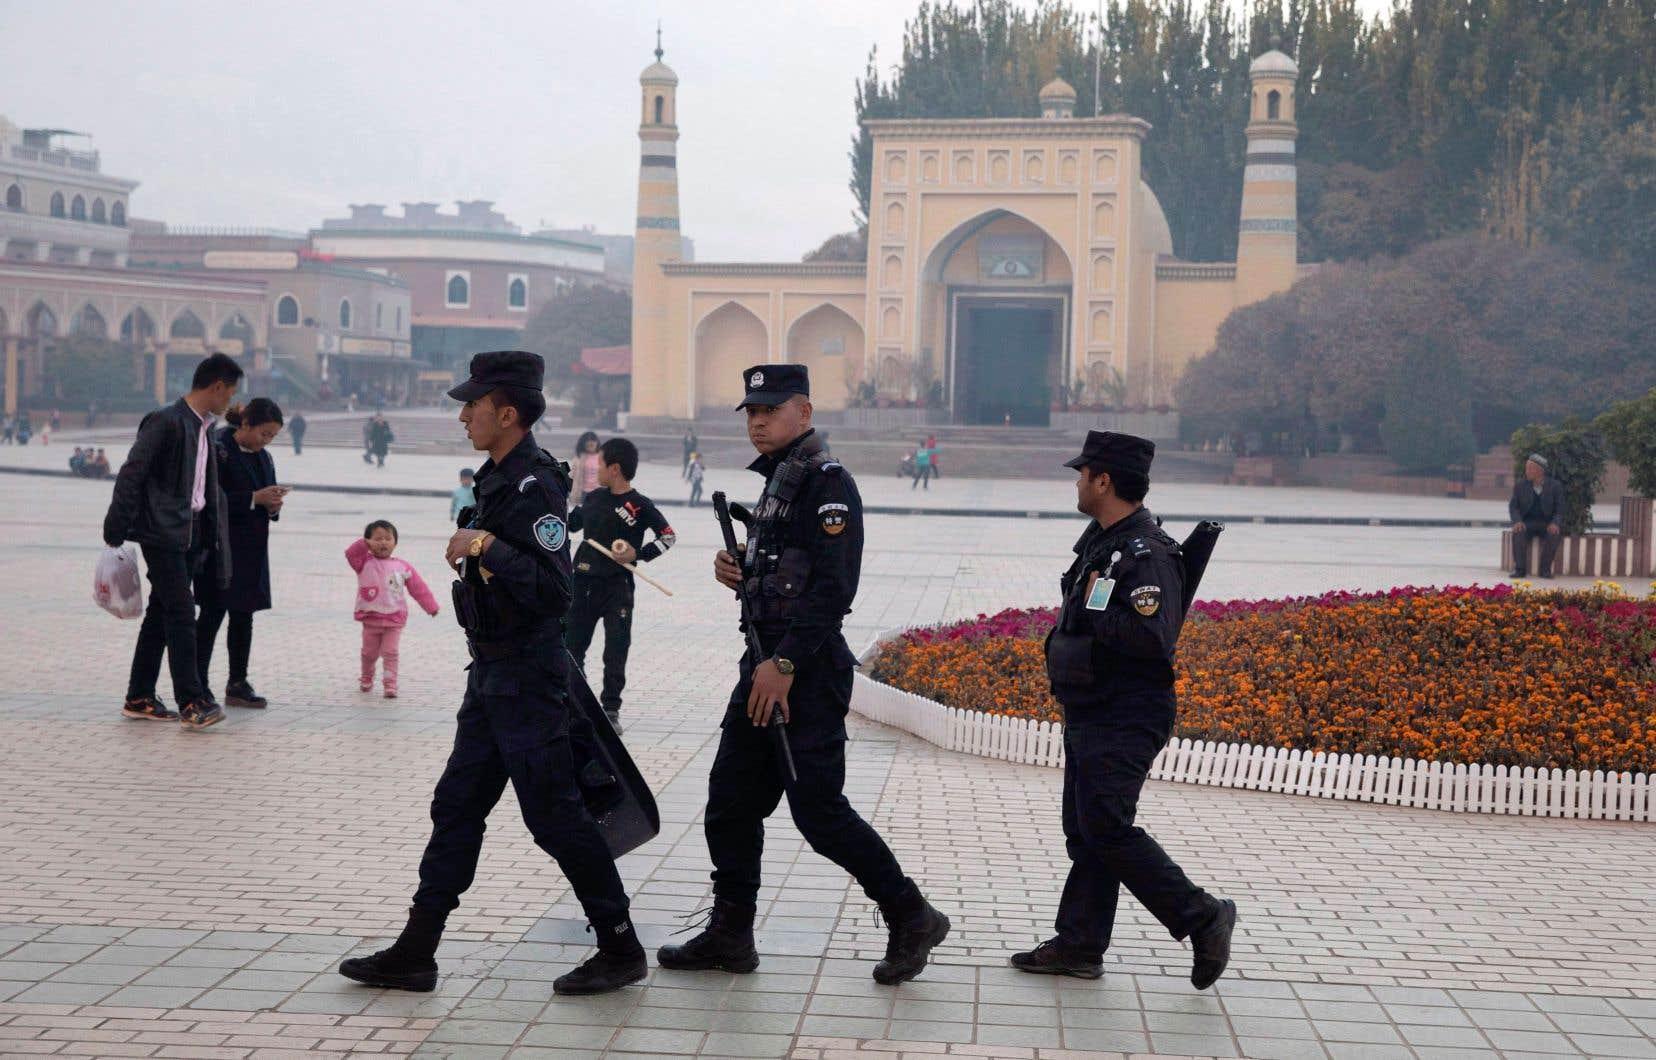 Des agents de sécurité près de la mosquée Id Kah à Kachgar, dans le Xinjiang